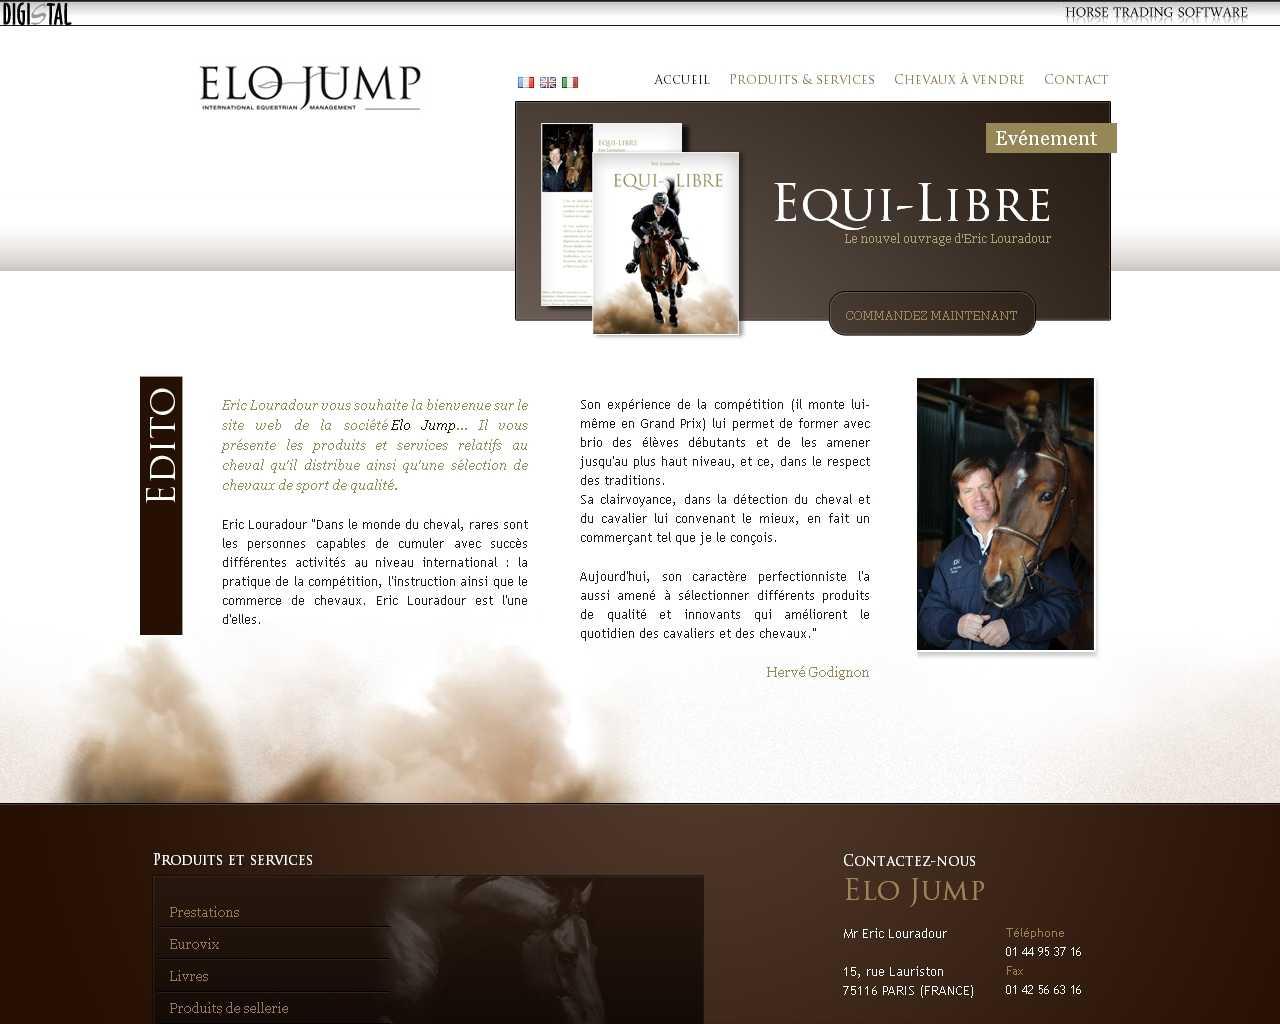 Elo Jump